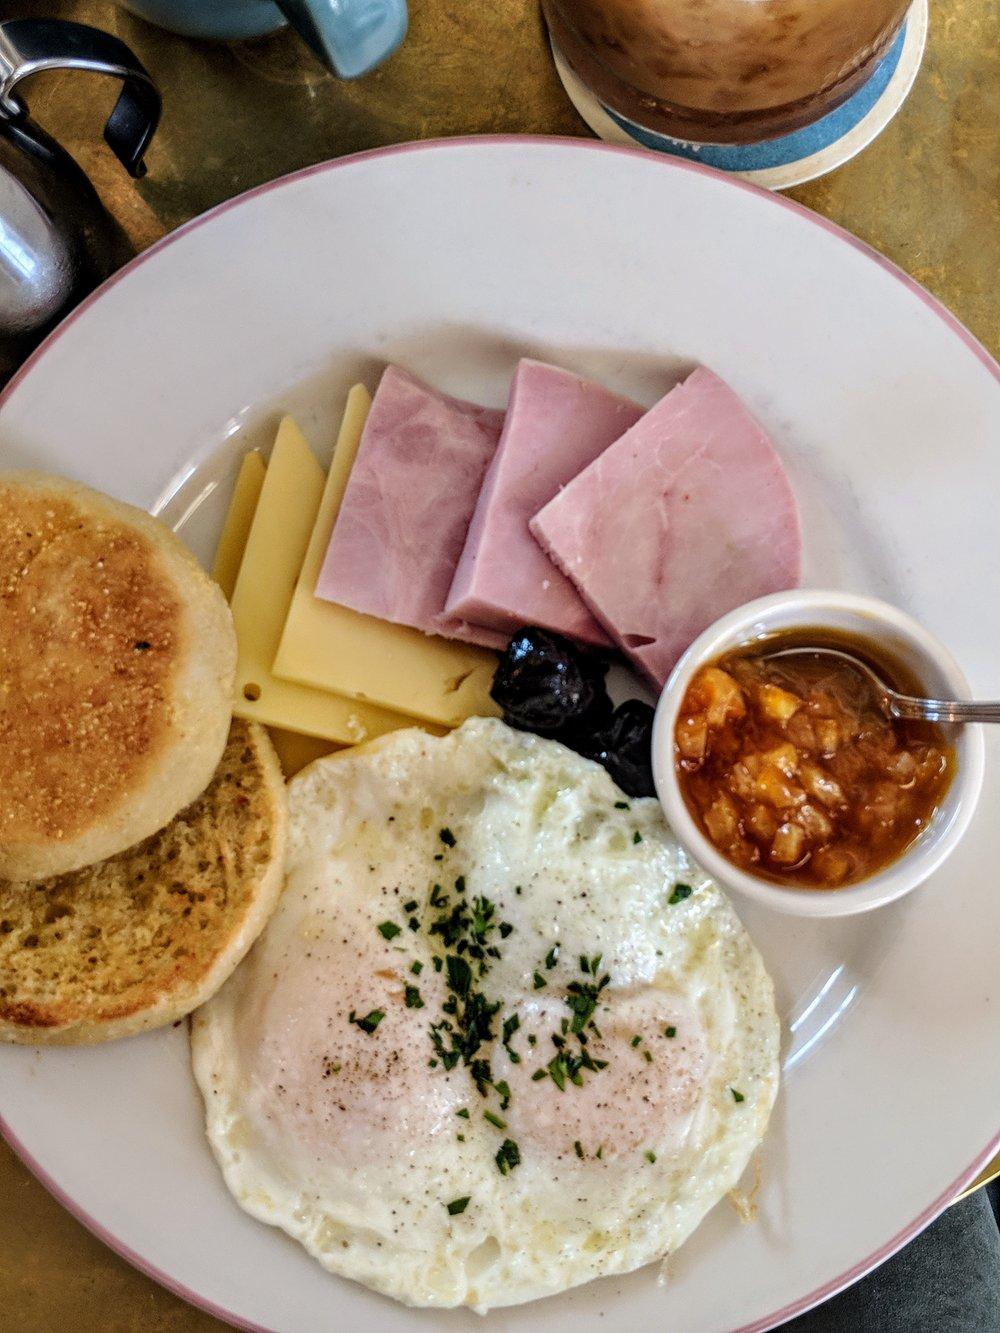 Cafe breakfast